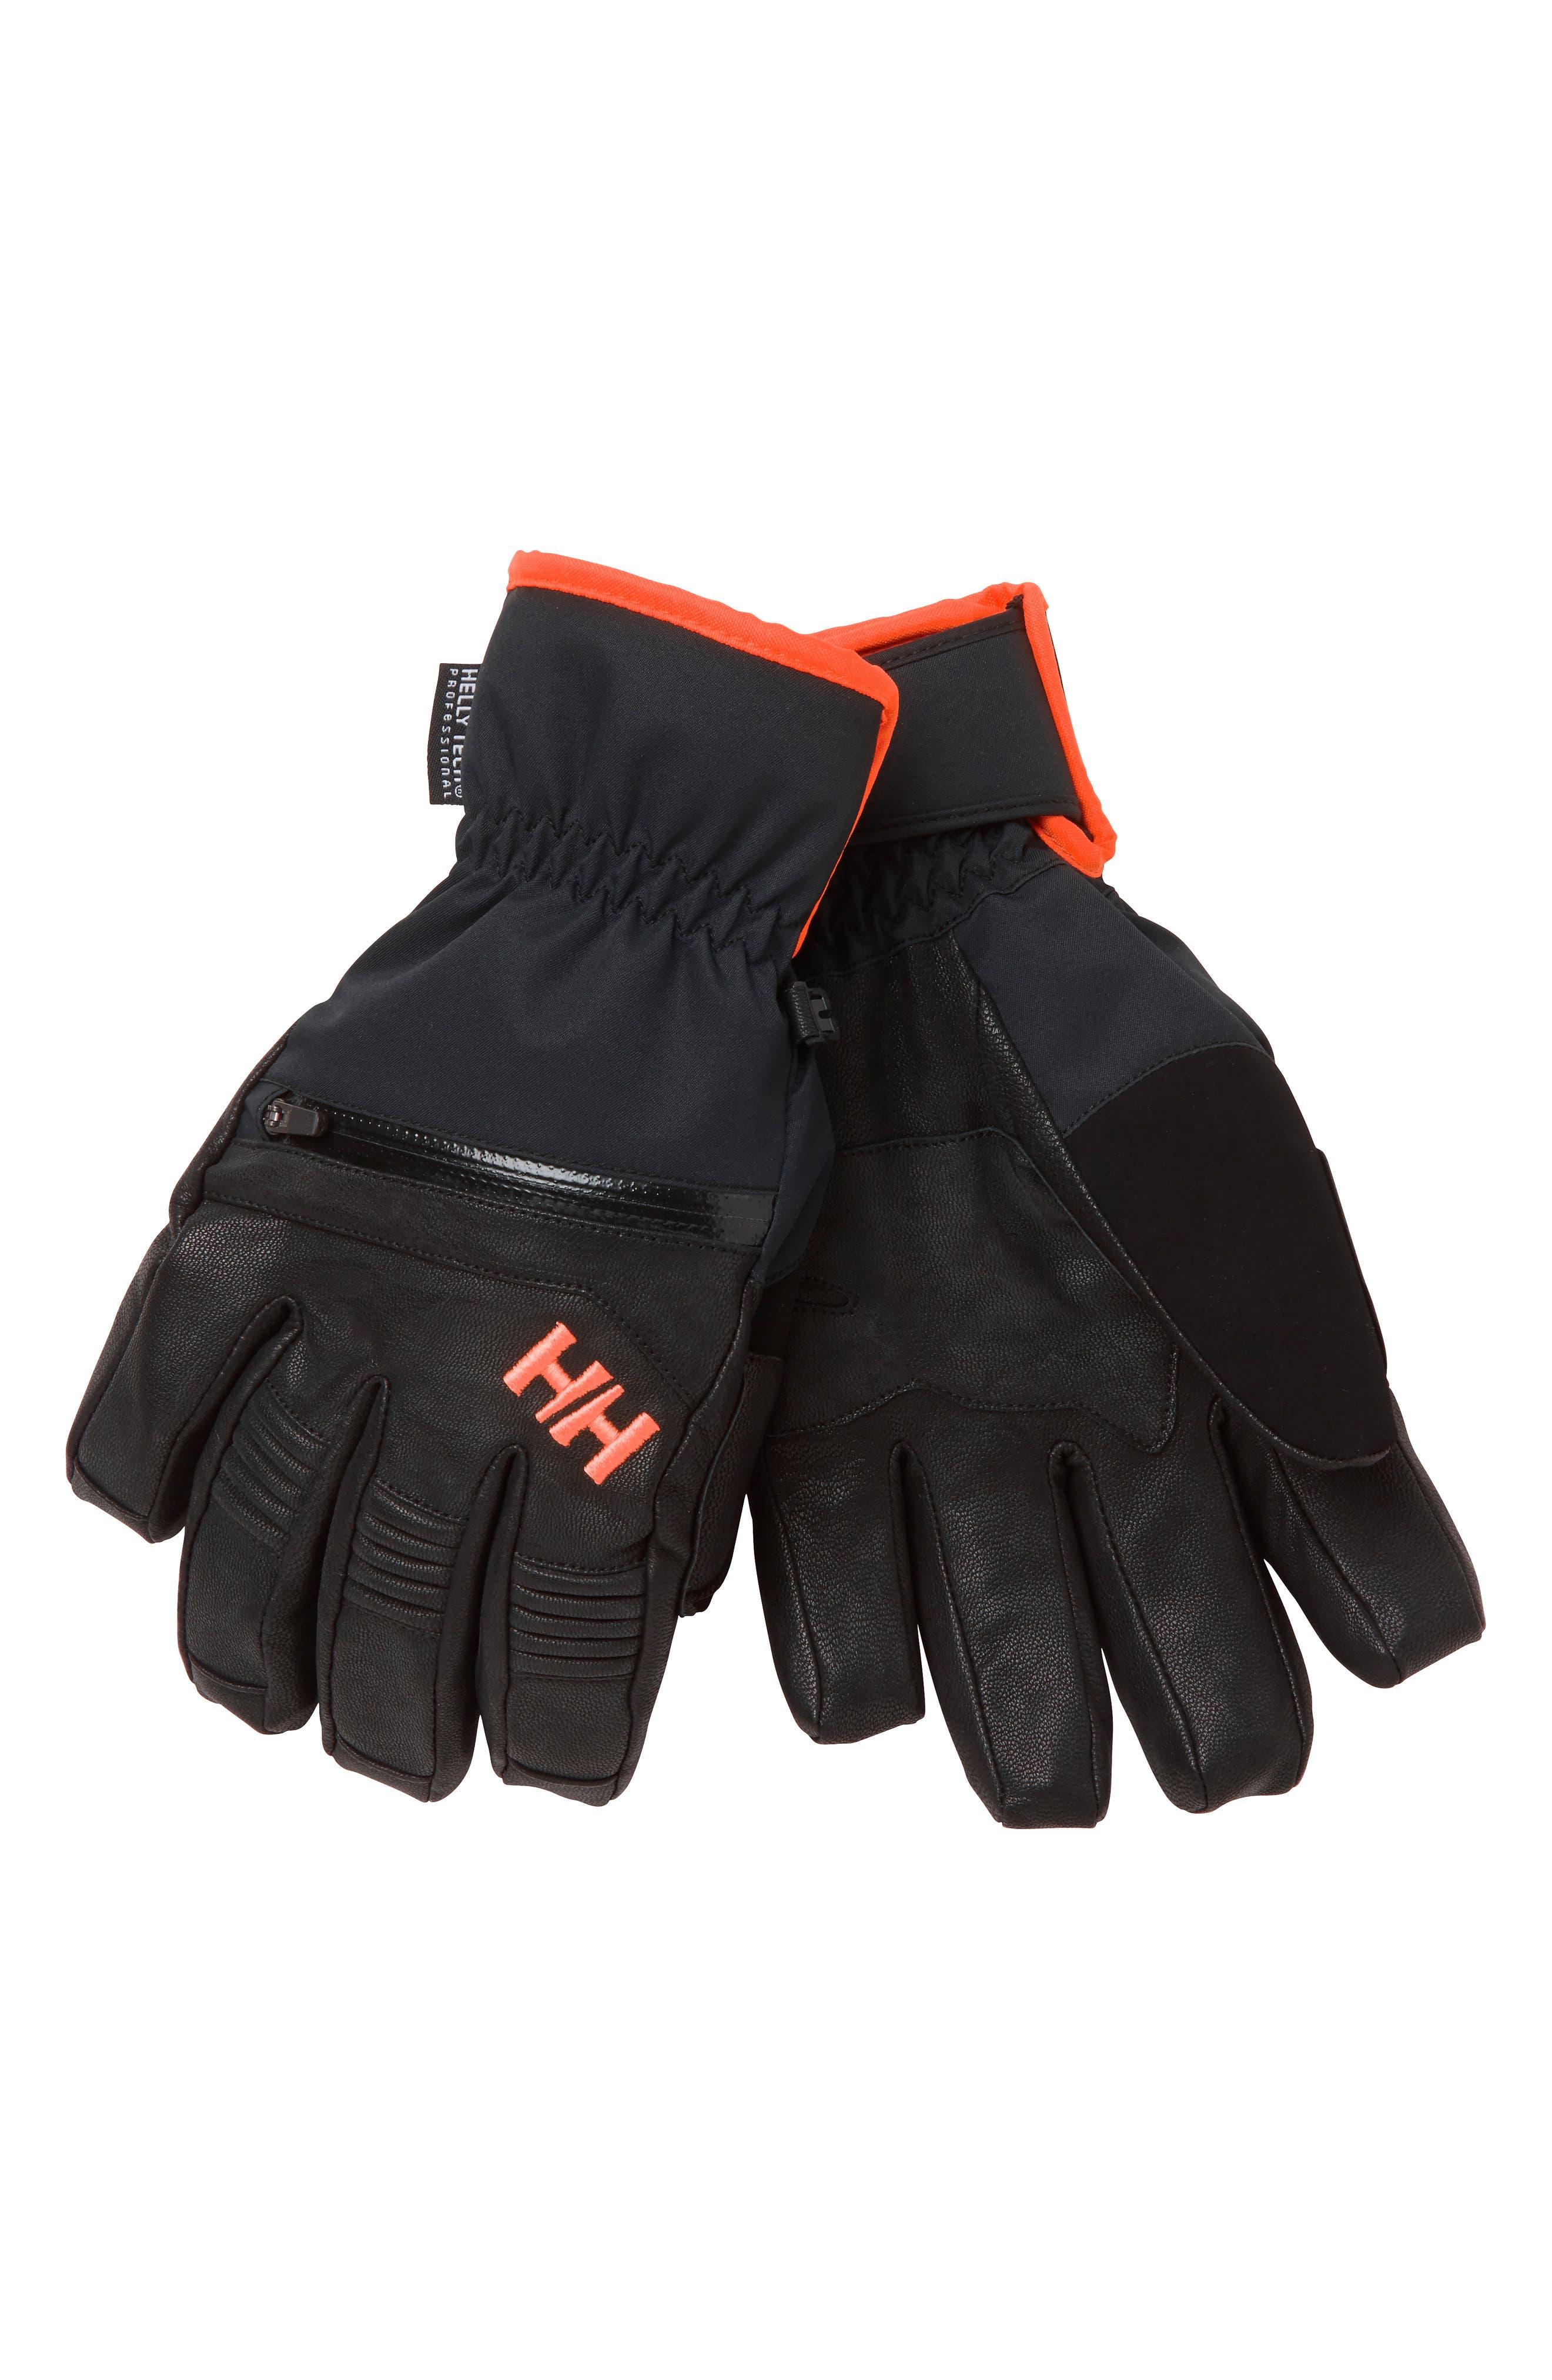 Helly Hansen Alpha Warm Helly Tech Ski Gloves